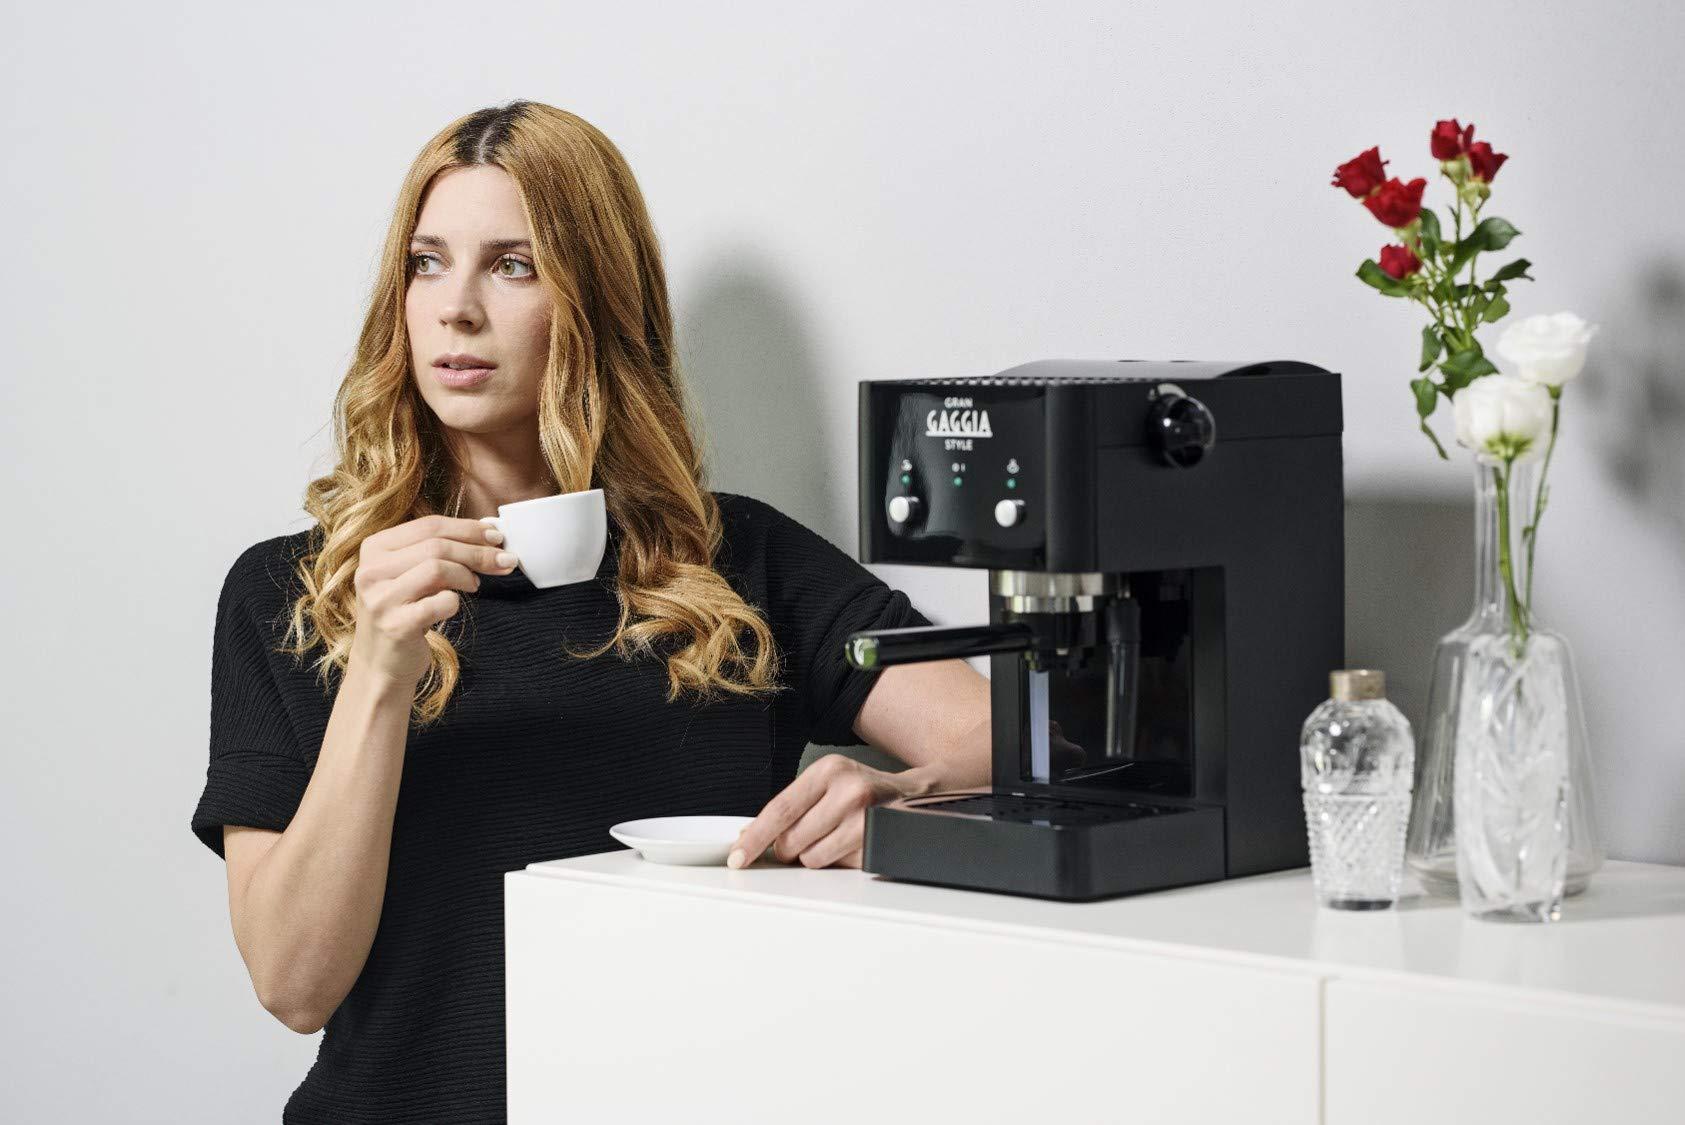 Gaggia GranGaggia Style Black Macchina Manuale per il Caffè Espresso, per Macinato e Cialde, 15 bar, Colore Nero, RI8423… 5 spesavip